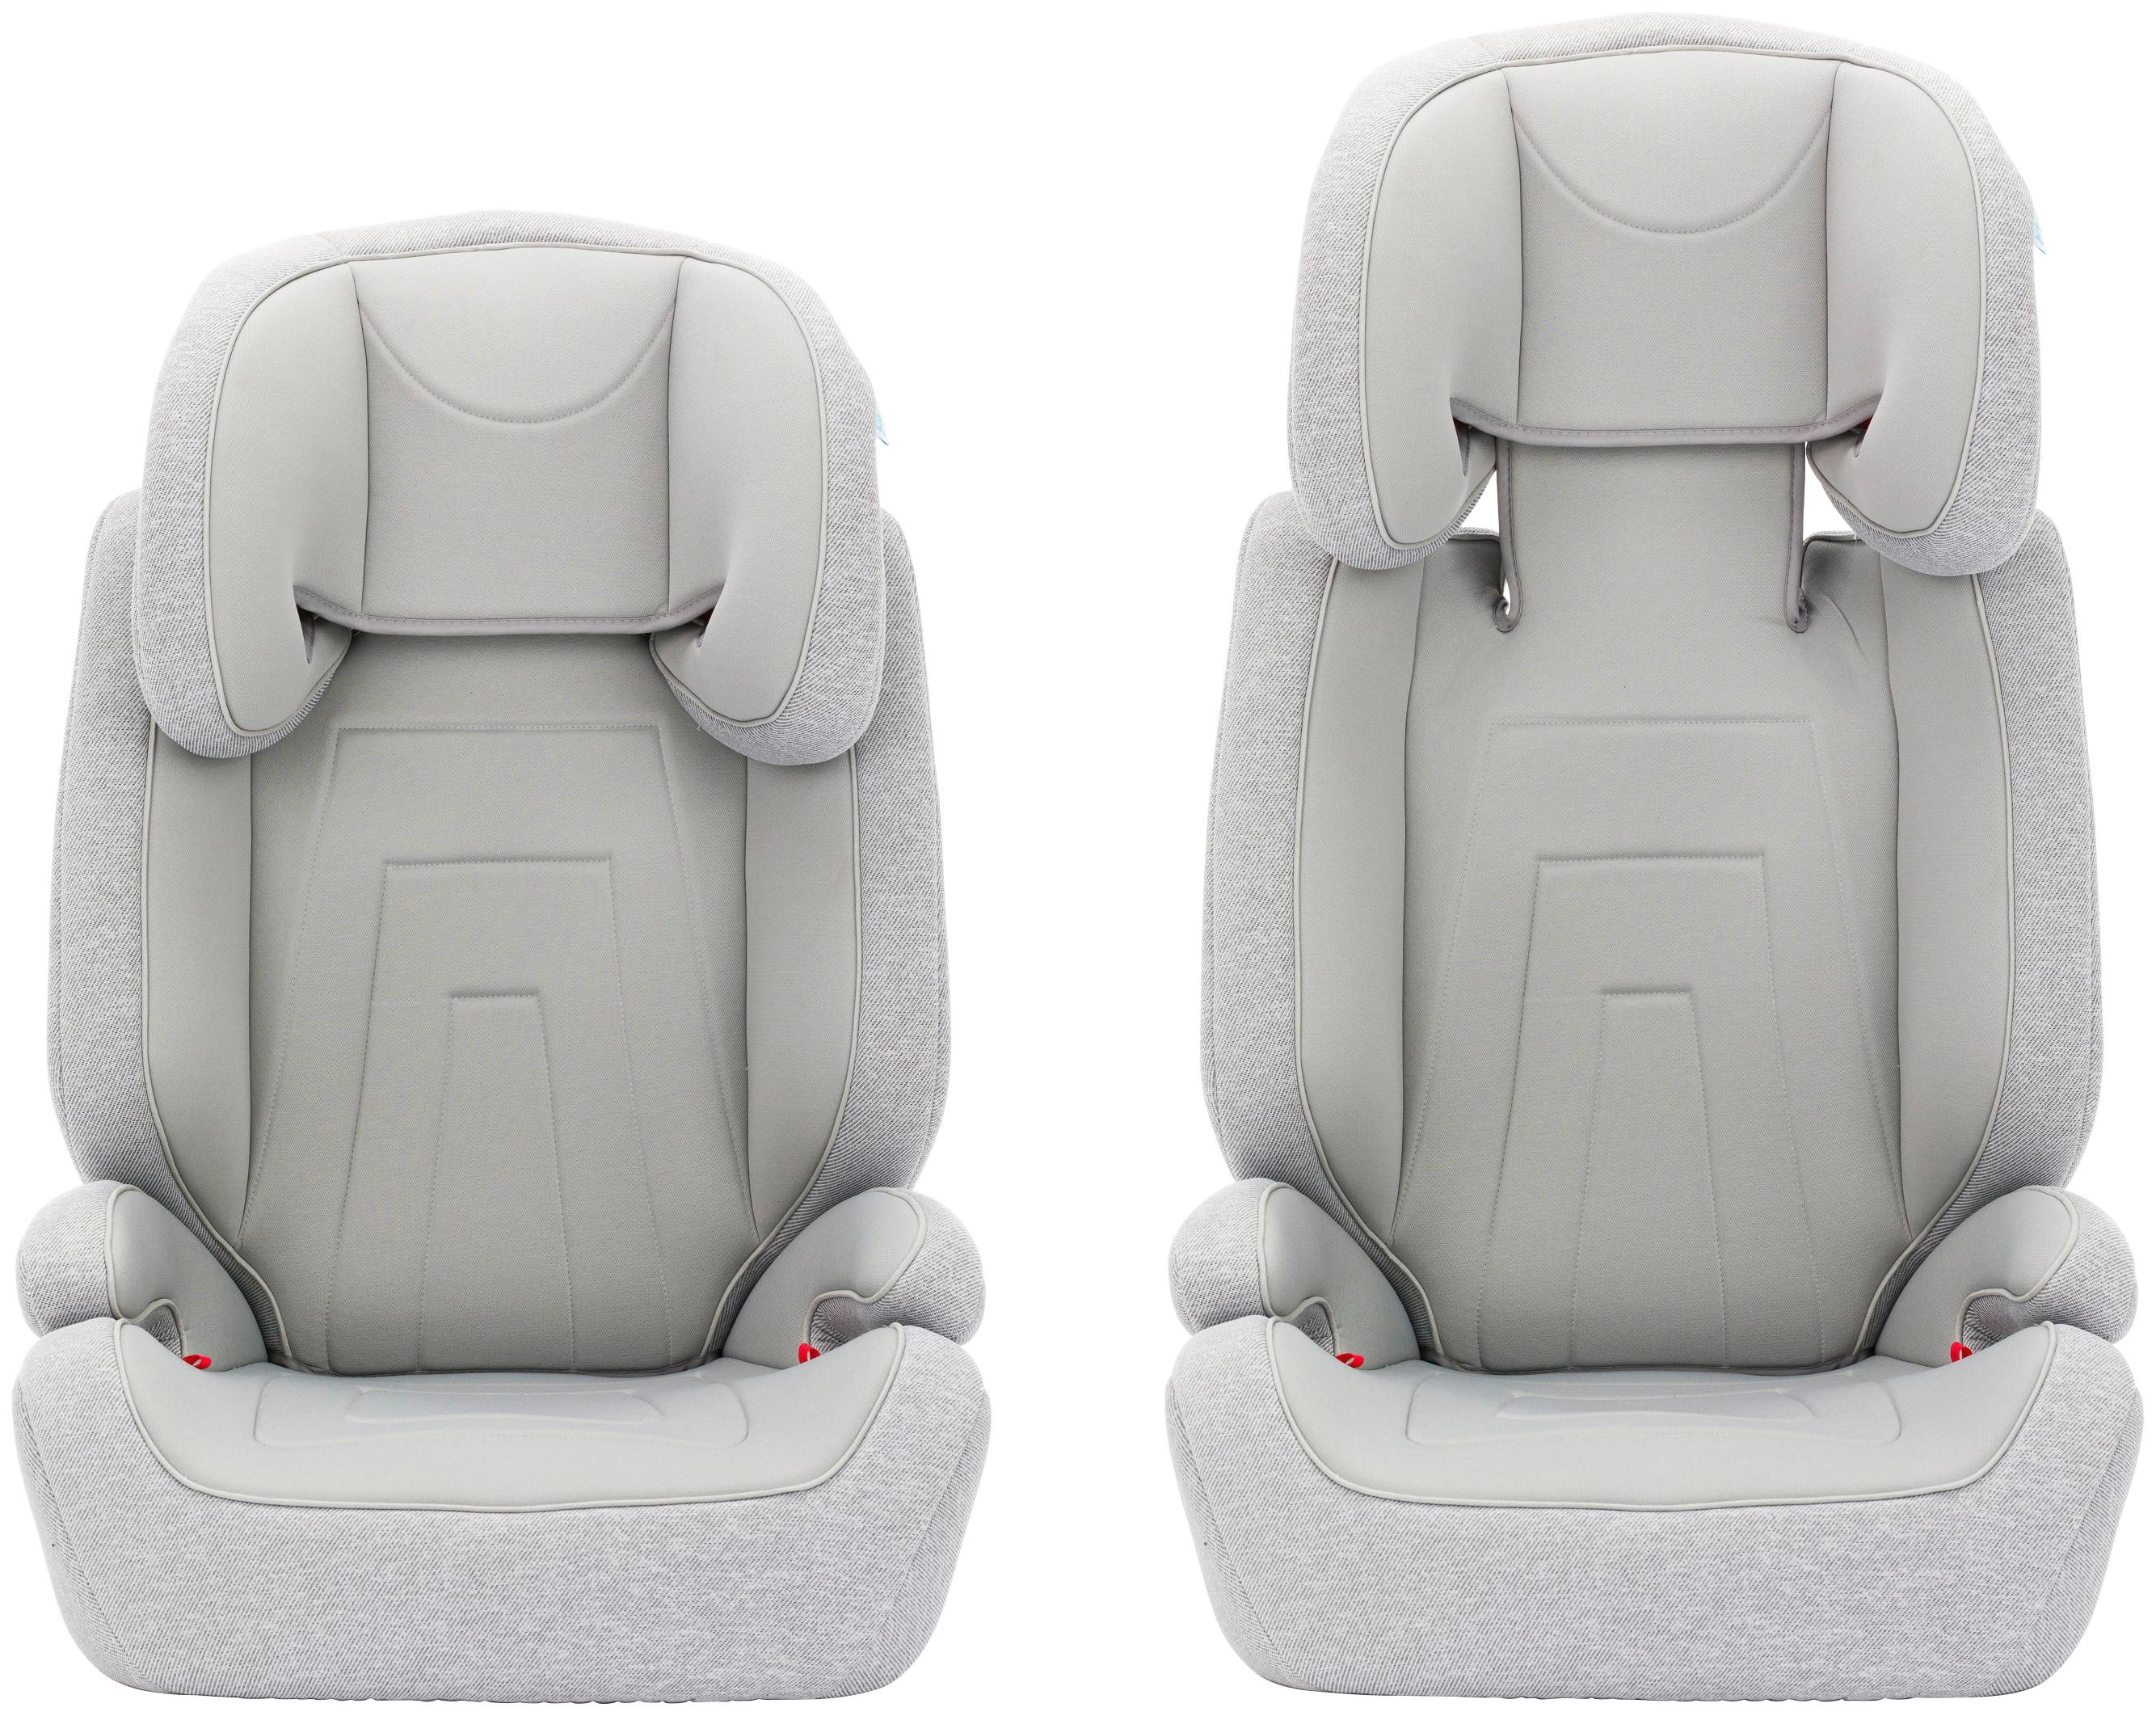 Fillikid Autokindersitz, Klasse II / III (15-36 kg), ab 3 Jahre, kg) grau Kinder Autokindersitze Autositze Zubehör Autokindersitz